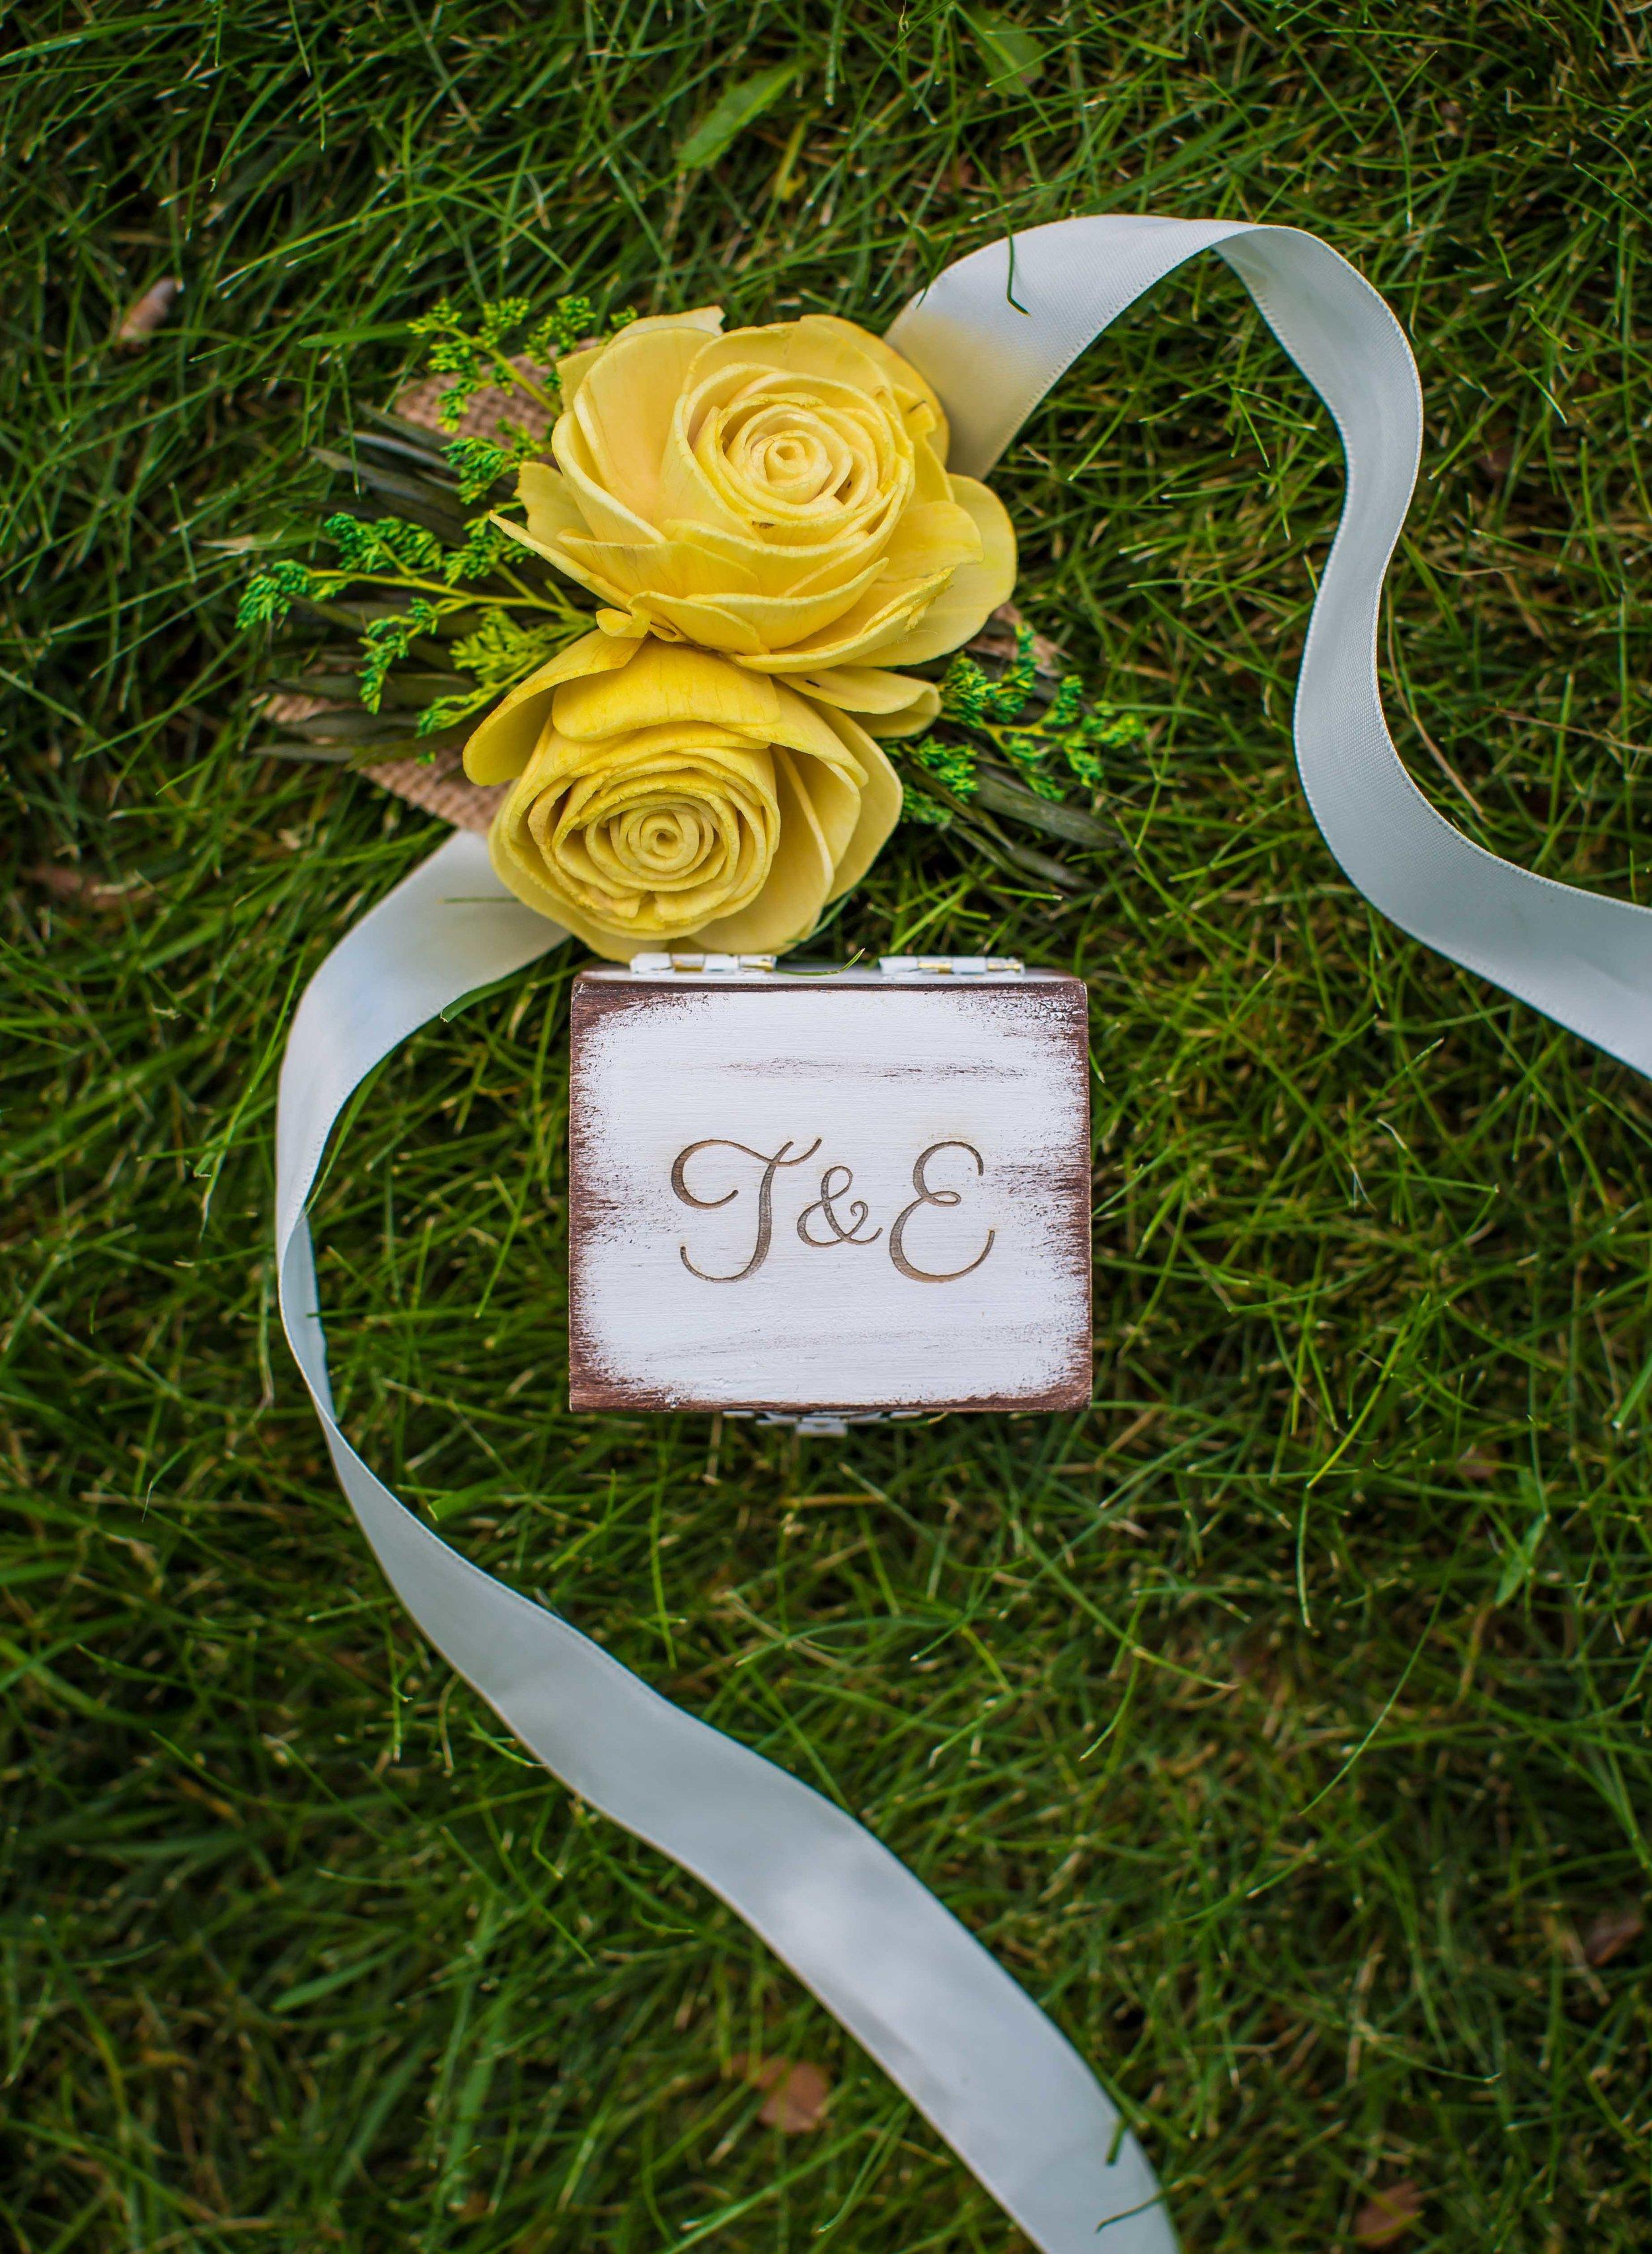 170722-ERIN-AND-TINA-WEDDING-27.jpg